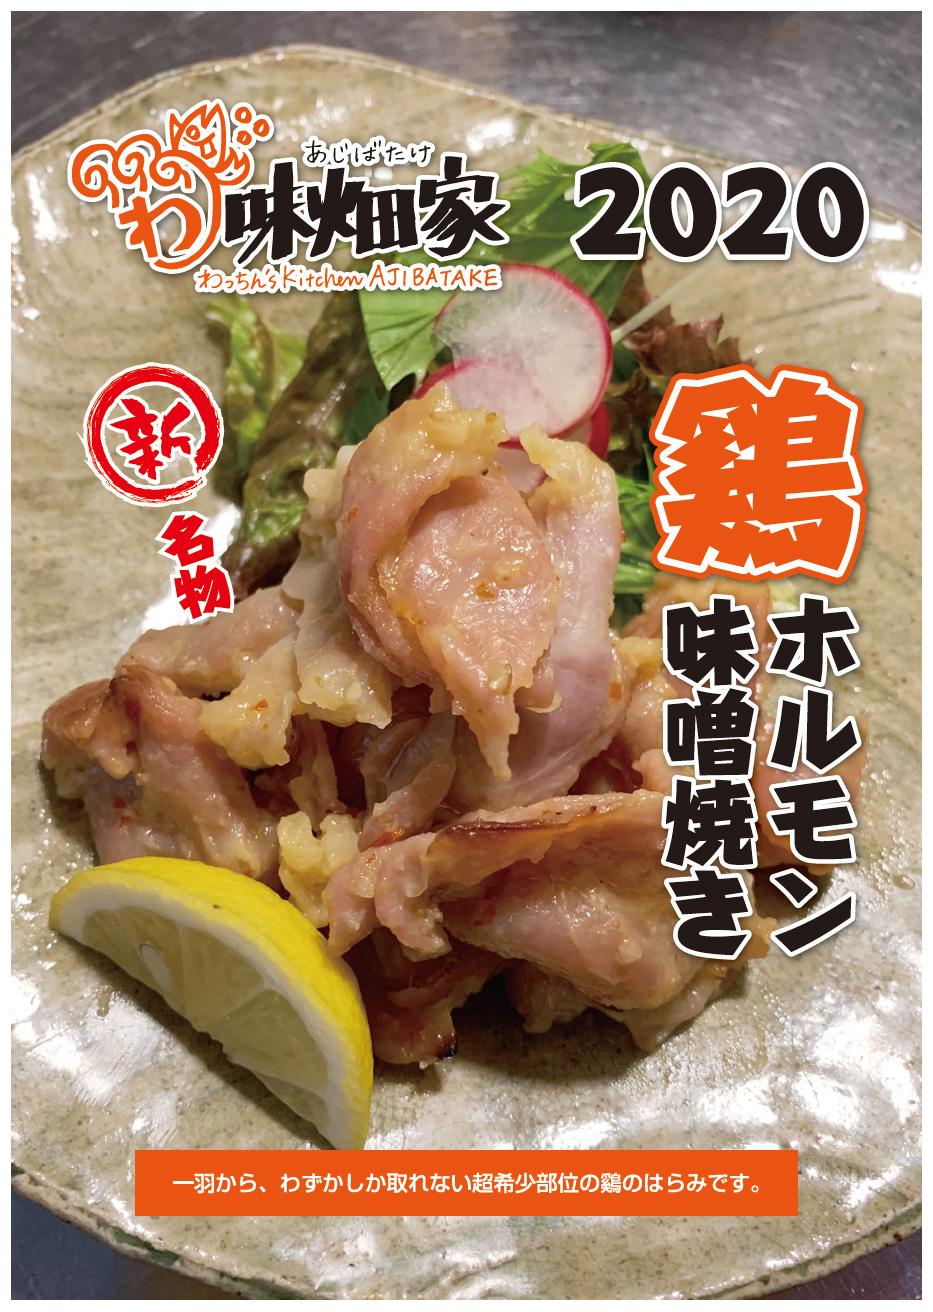 味畑家2020年の新名物「鶏ホルモン味噌焼き」